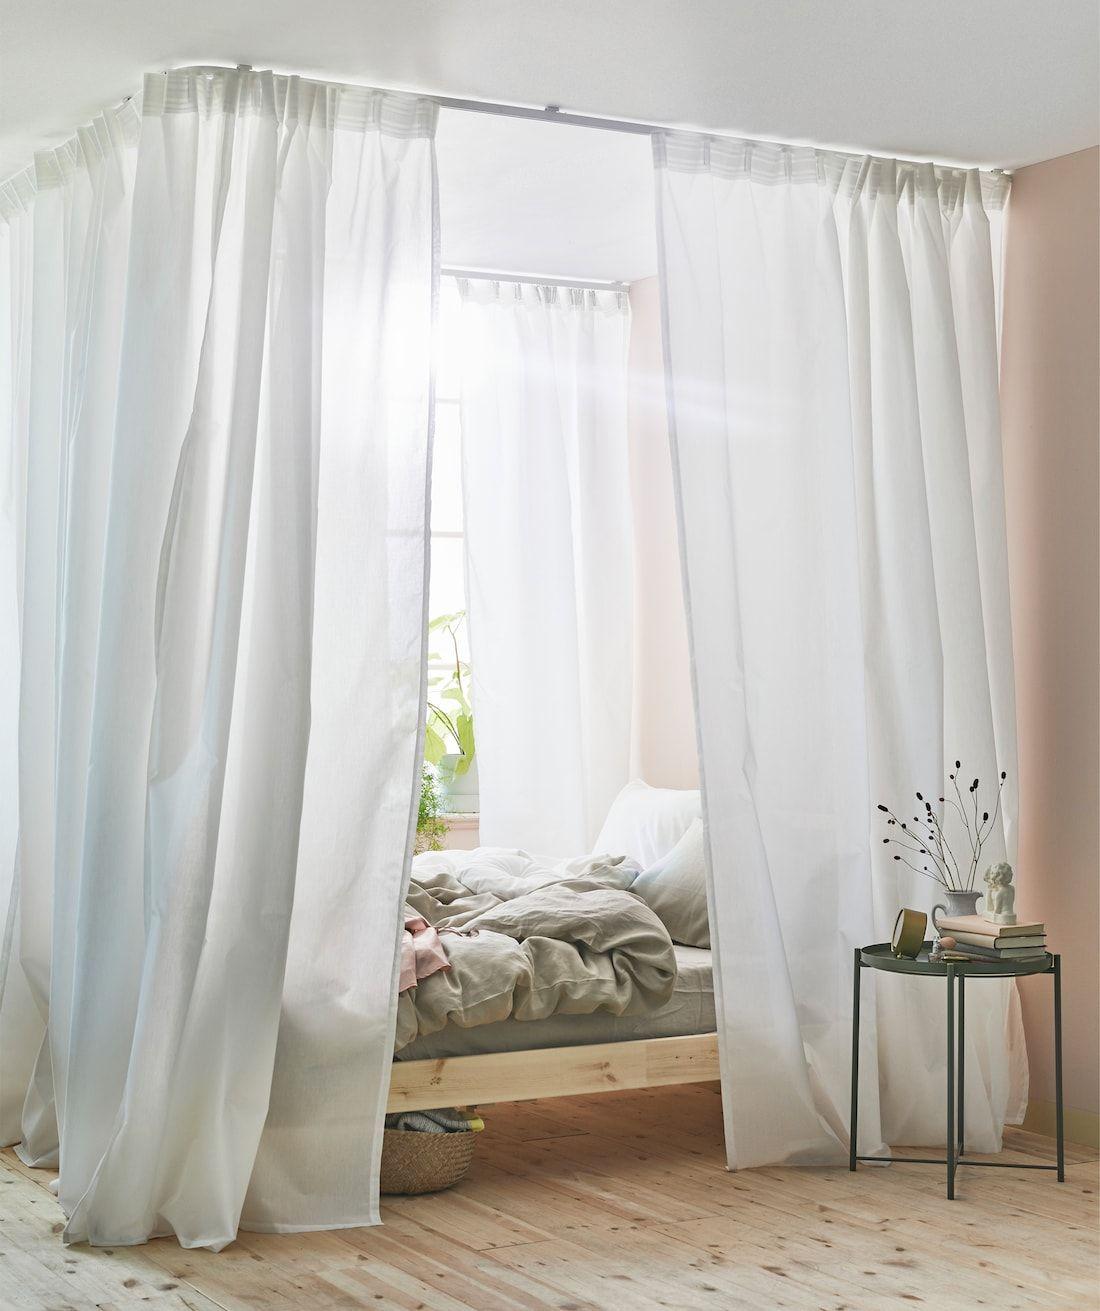 rideaux du lit a baldaquin